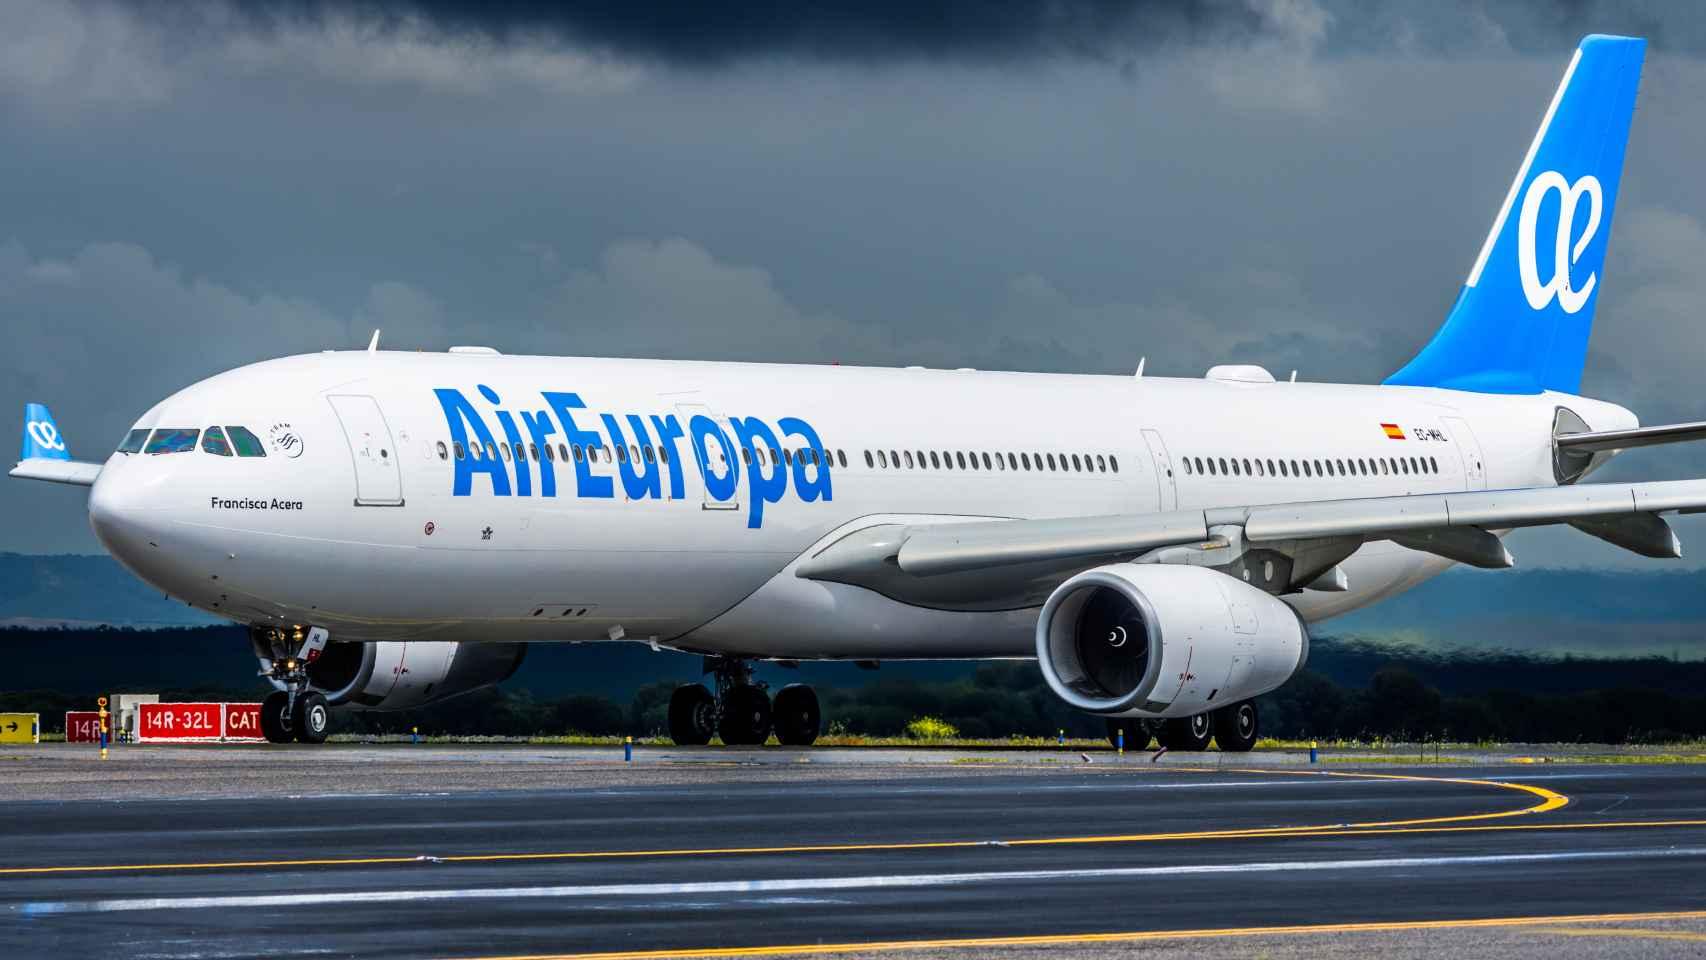 Air Europa transportó 6,1 millones de pasajeros entre enero y junio, un 14% más que en 2018